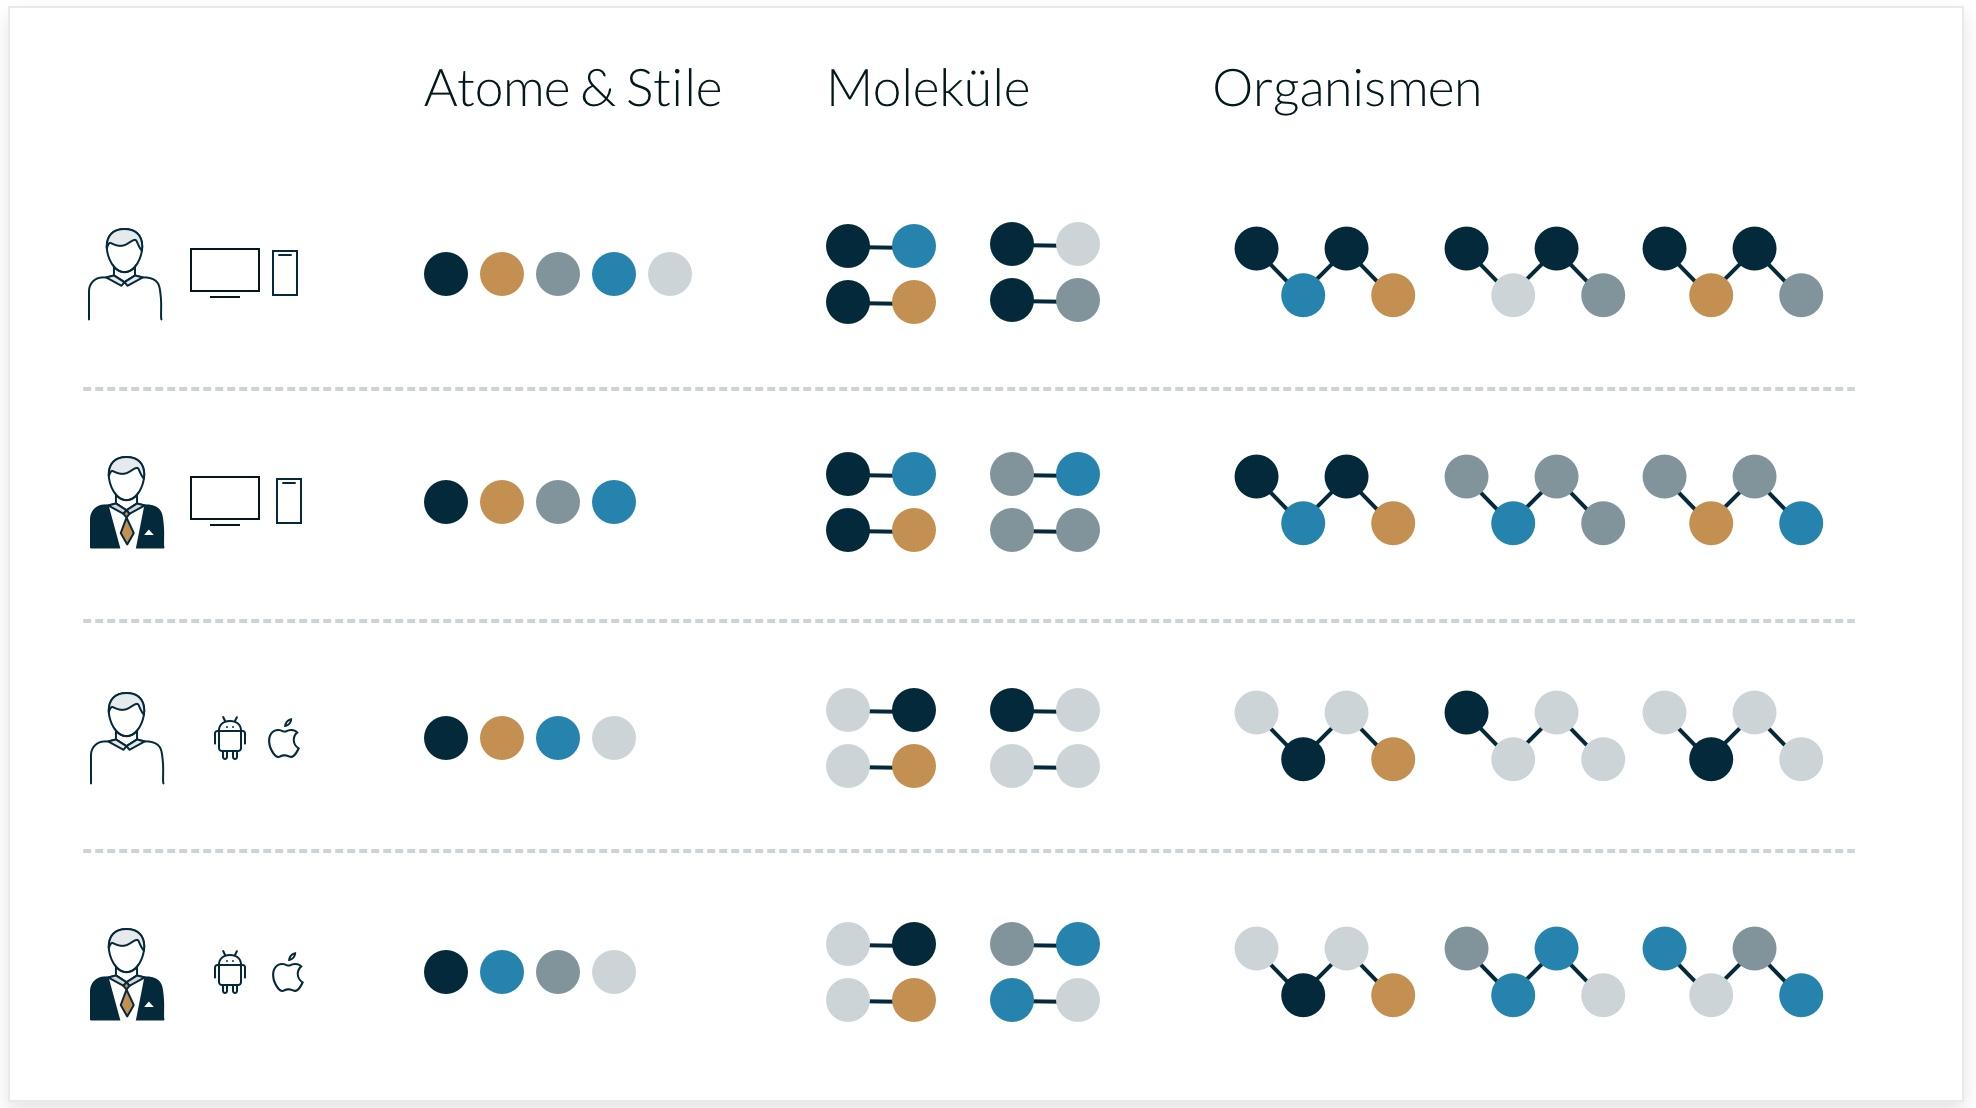 Vier unabhängige Librarys mit jeweils Atomen & Stilen, Molekülen und Organismen